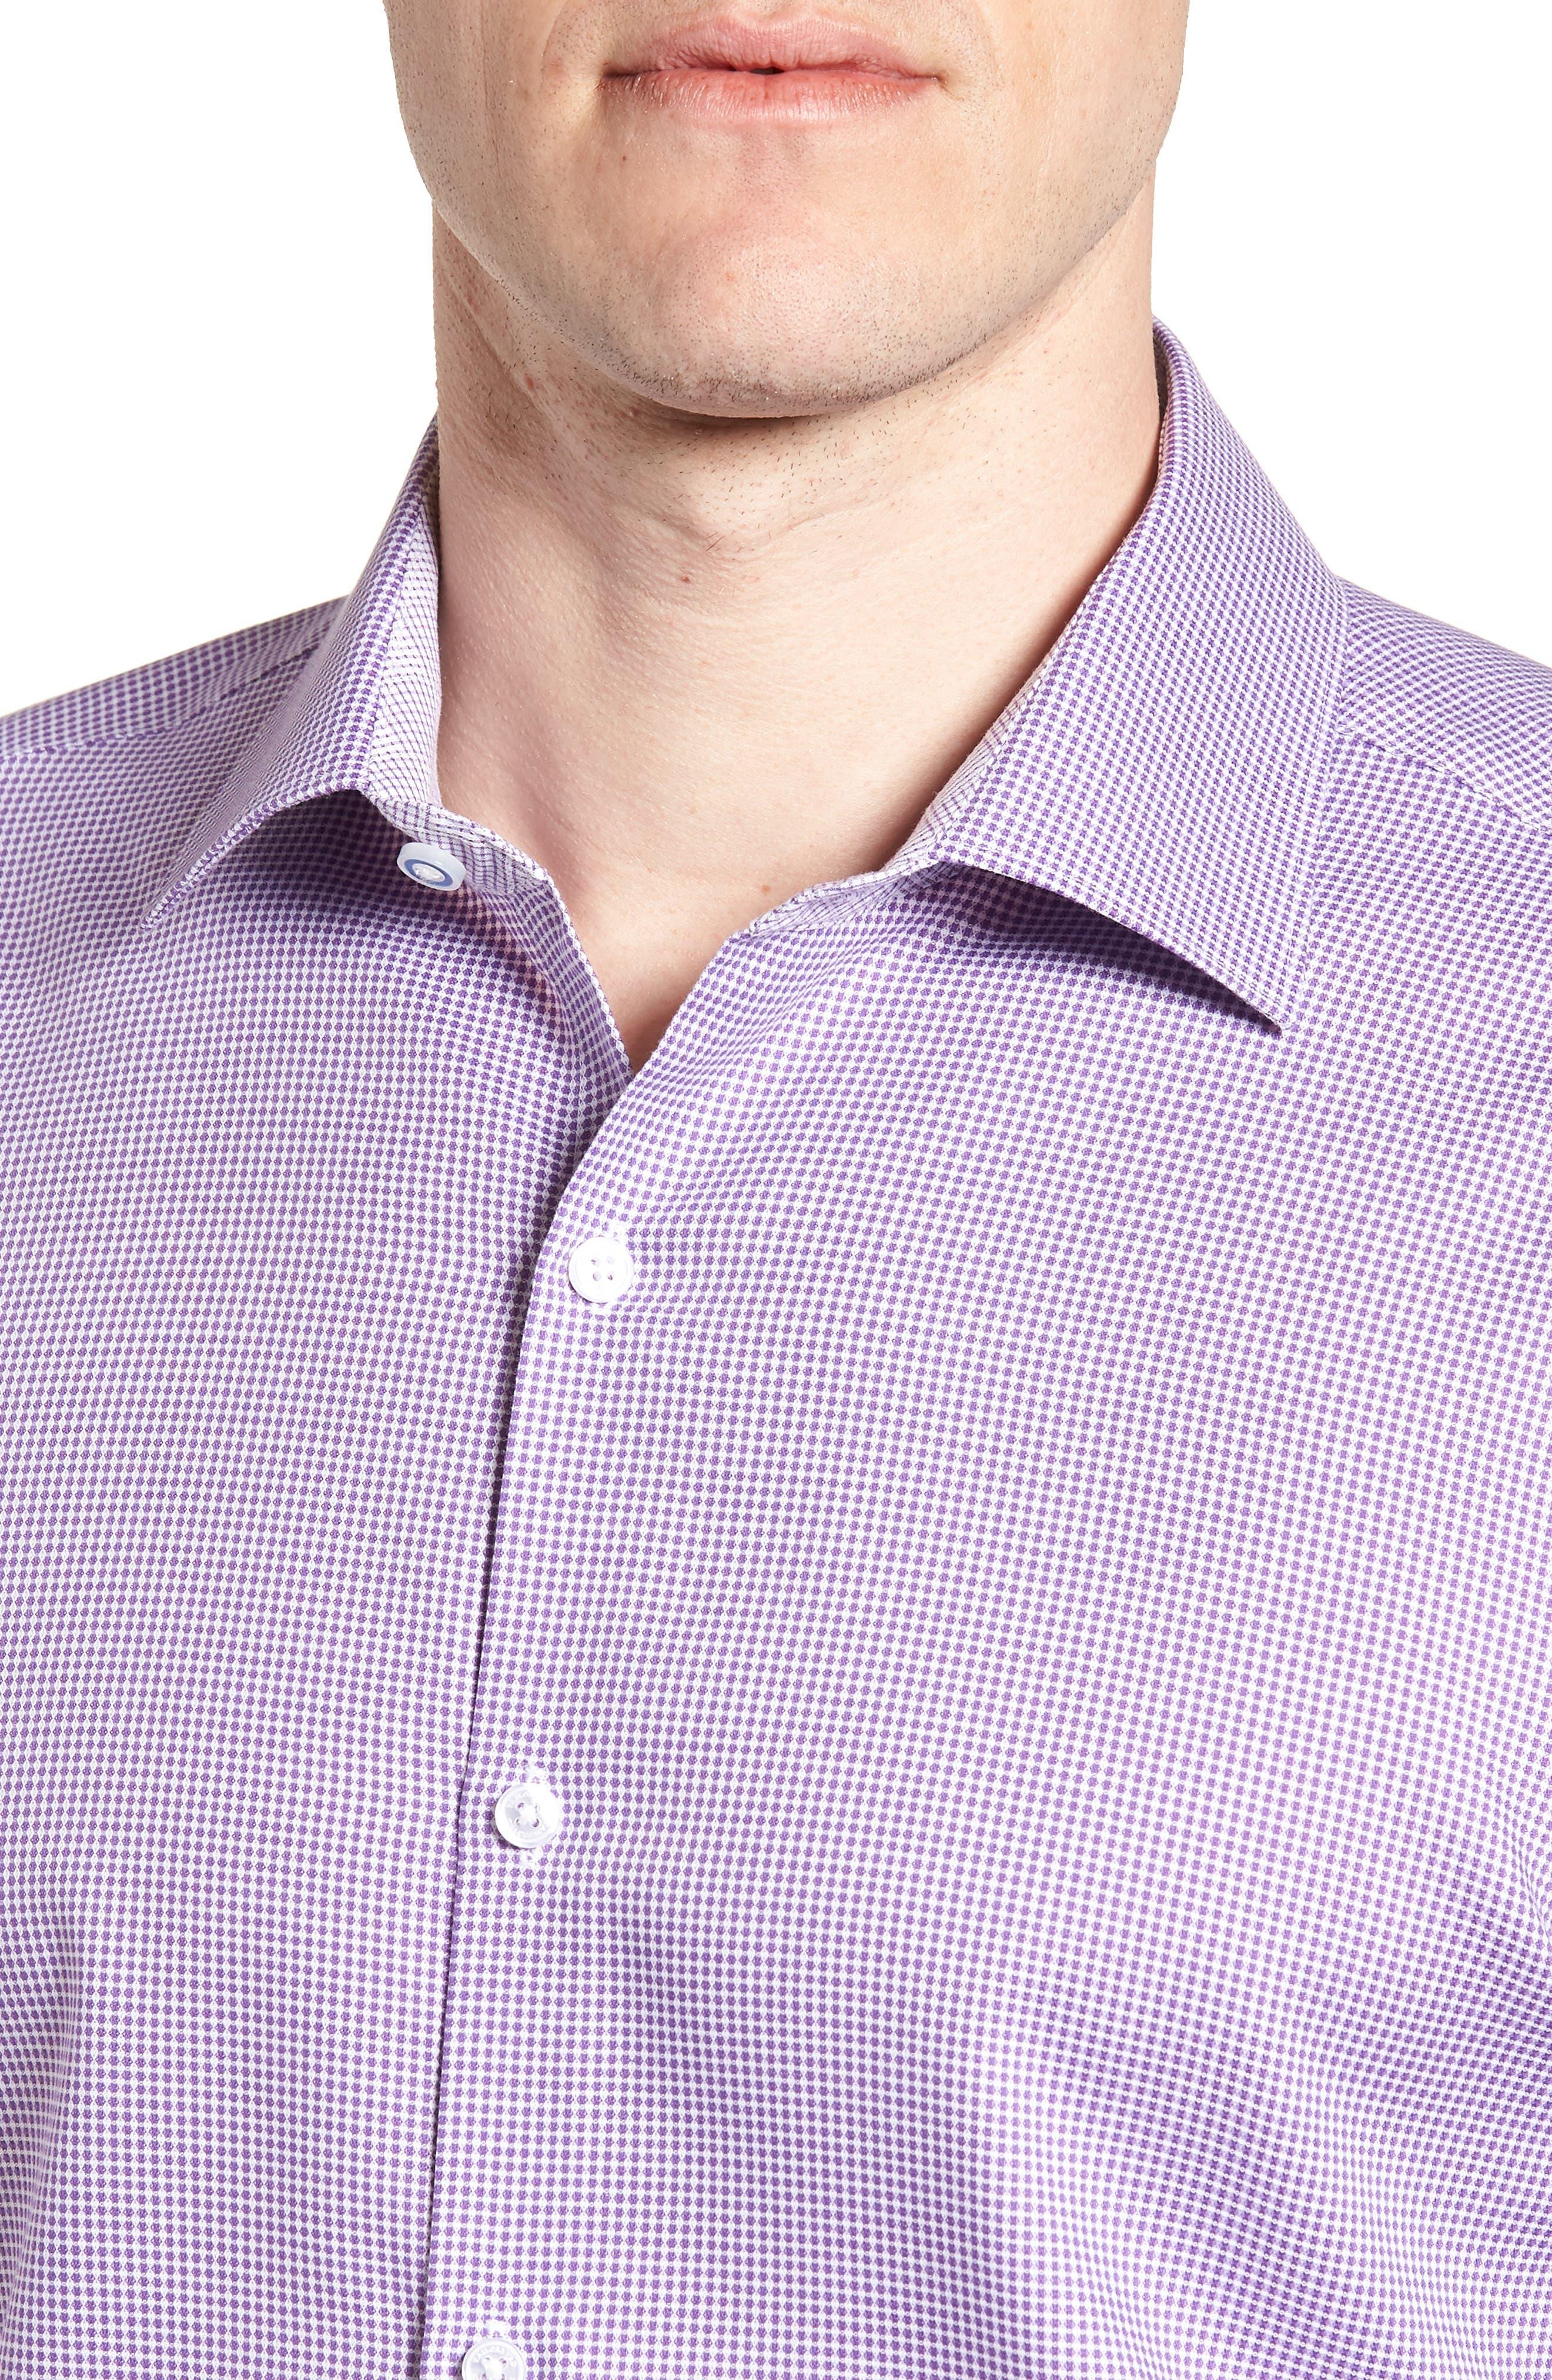 Hayden Trim Fit Check Dress Shirt,                             Alternate thumbnail 2, color,                             Purple